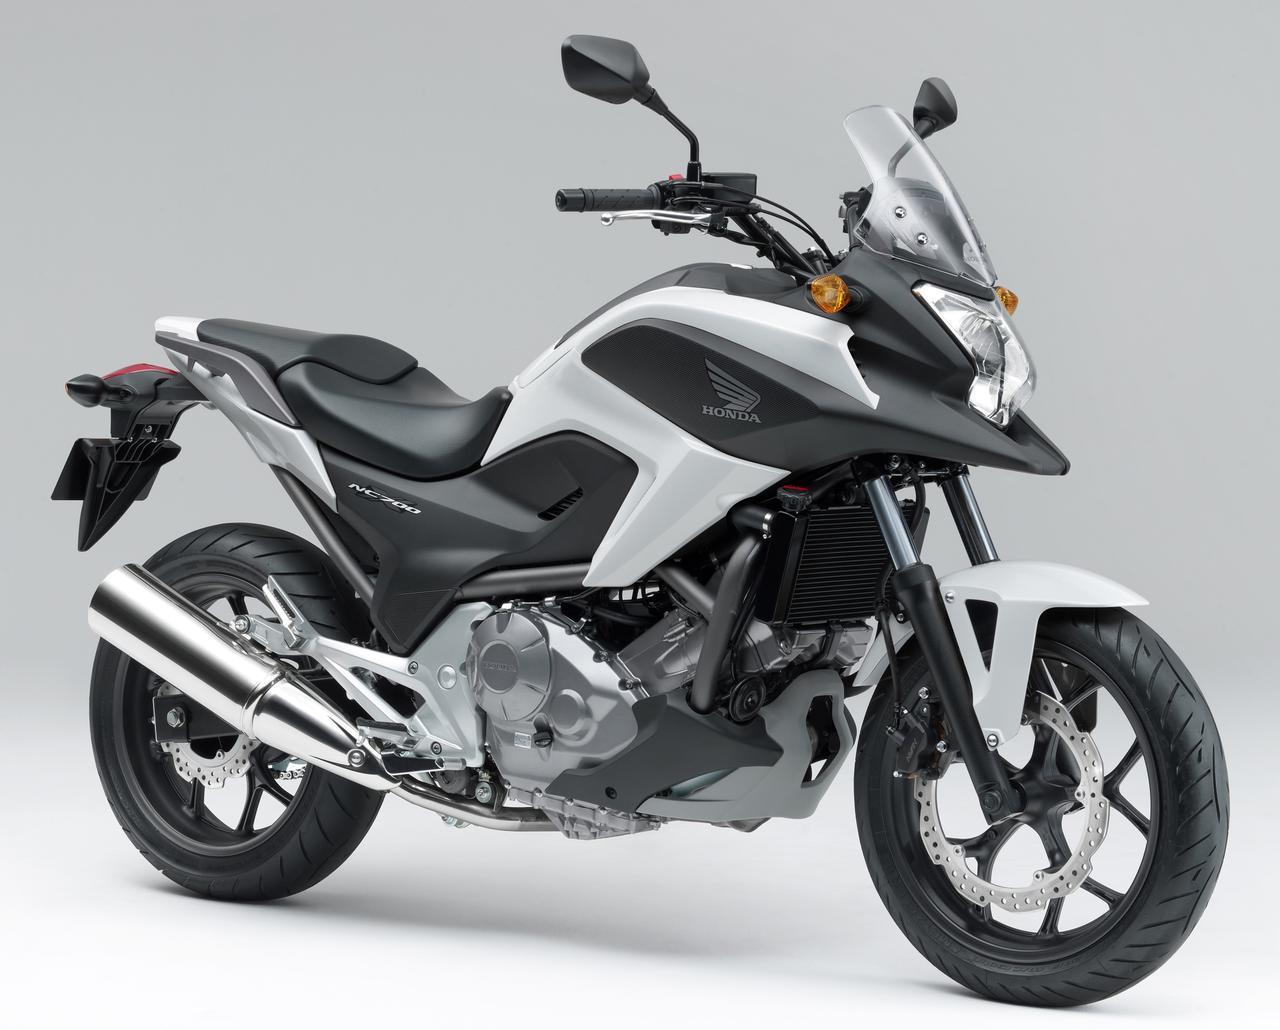 画像: Honda NC700X/2012年2月24日発売/当時の本体価格:61万9,000円